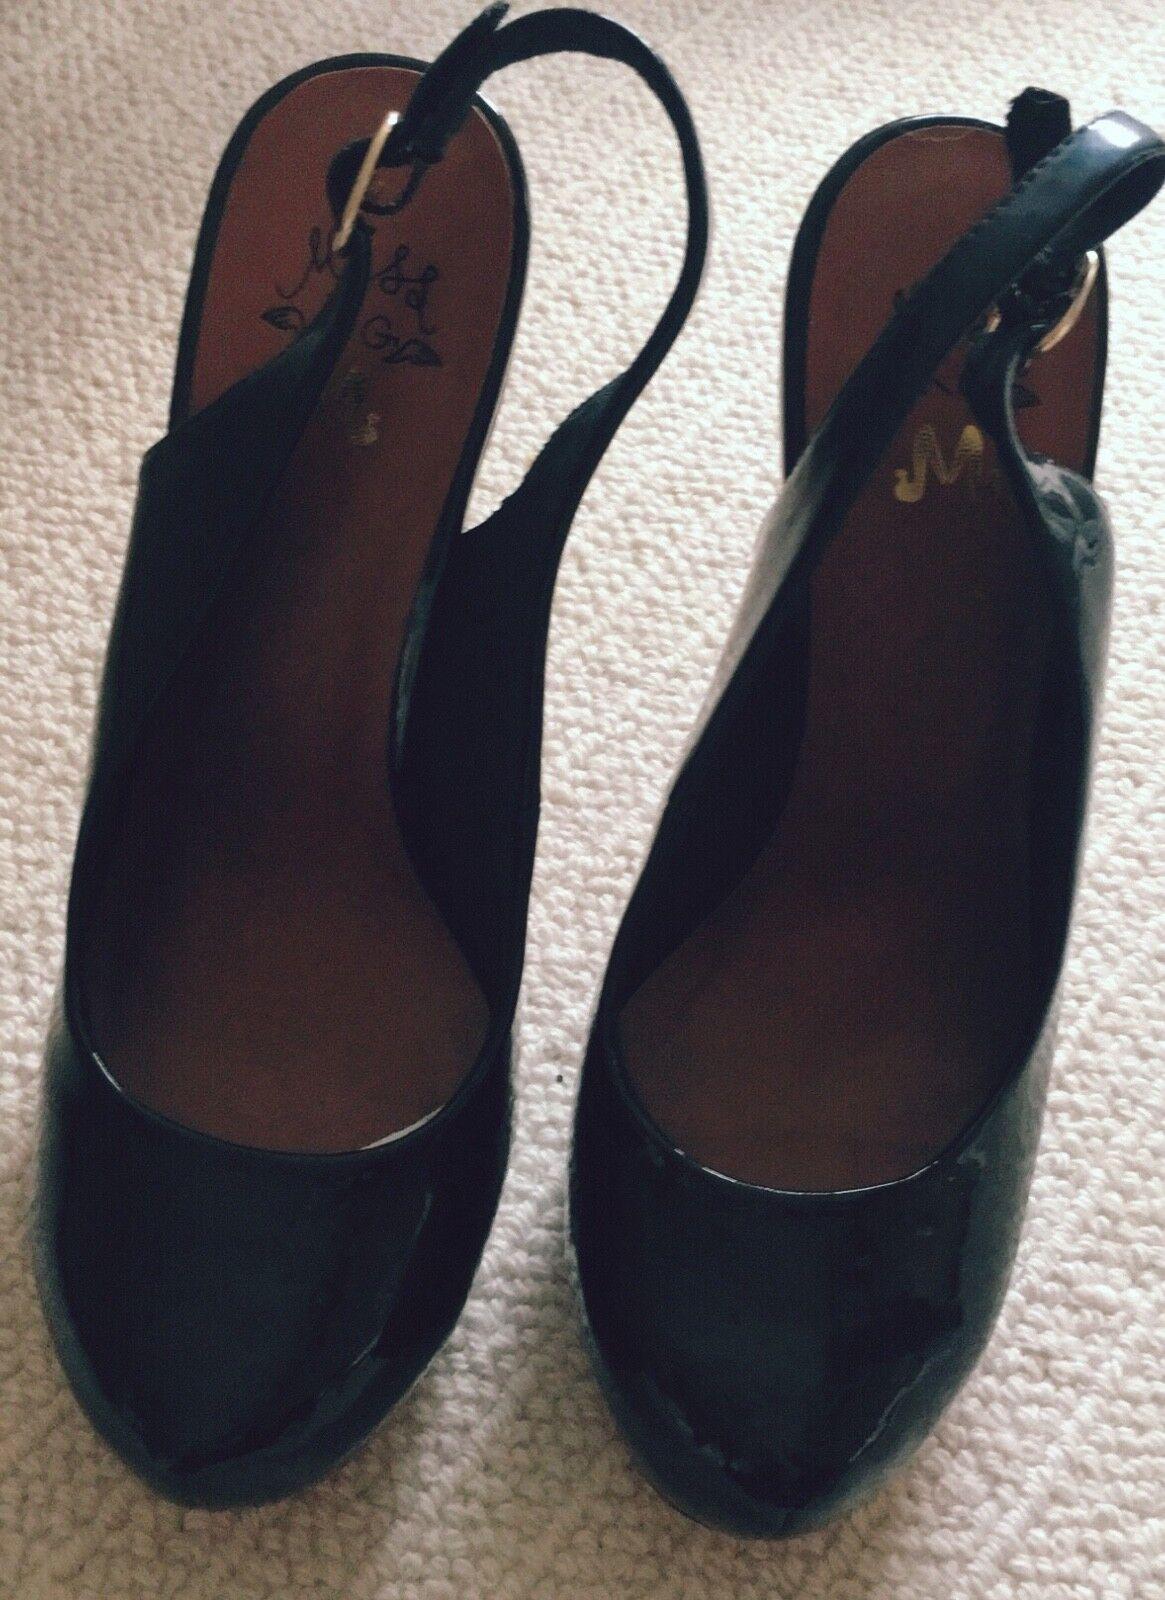 c24e7e04b9806 ... Carvela Da kg Sandali Sandali Sandali in vernice nera tacco alto scarpa  bbebe8 ...